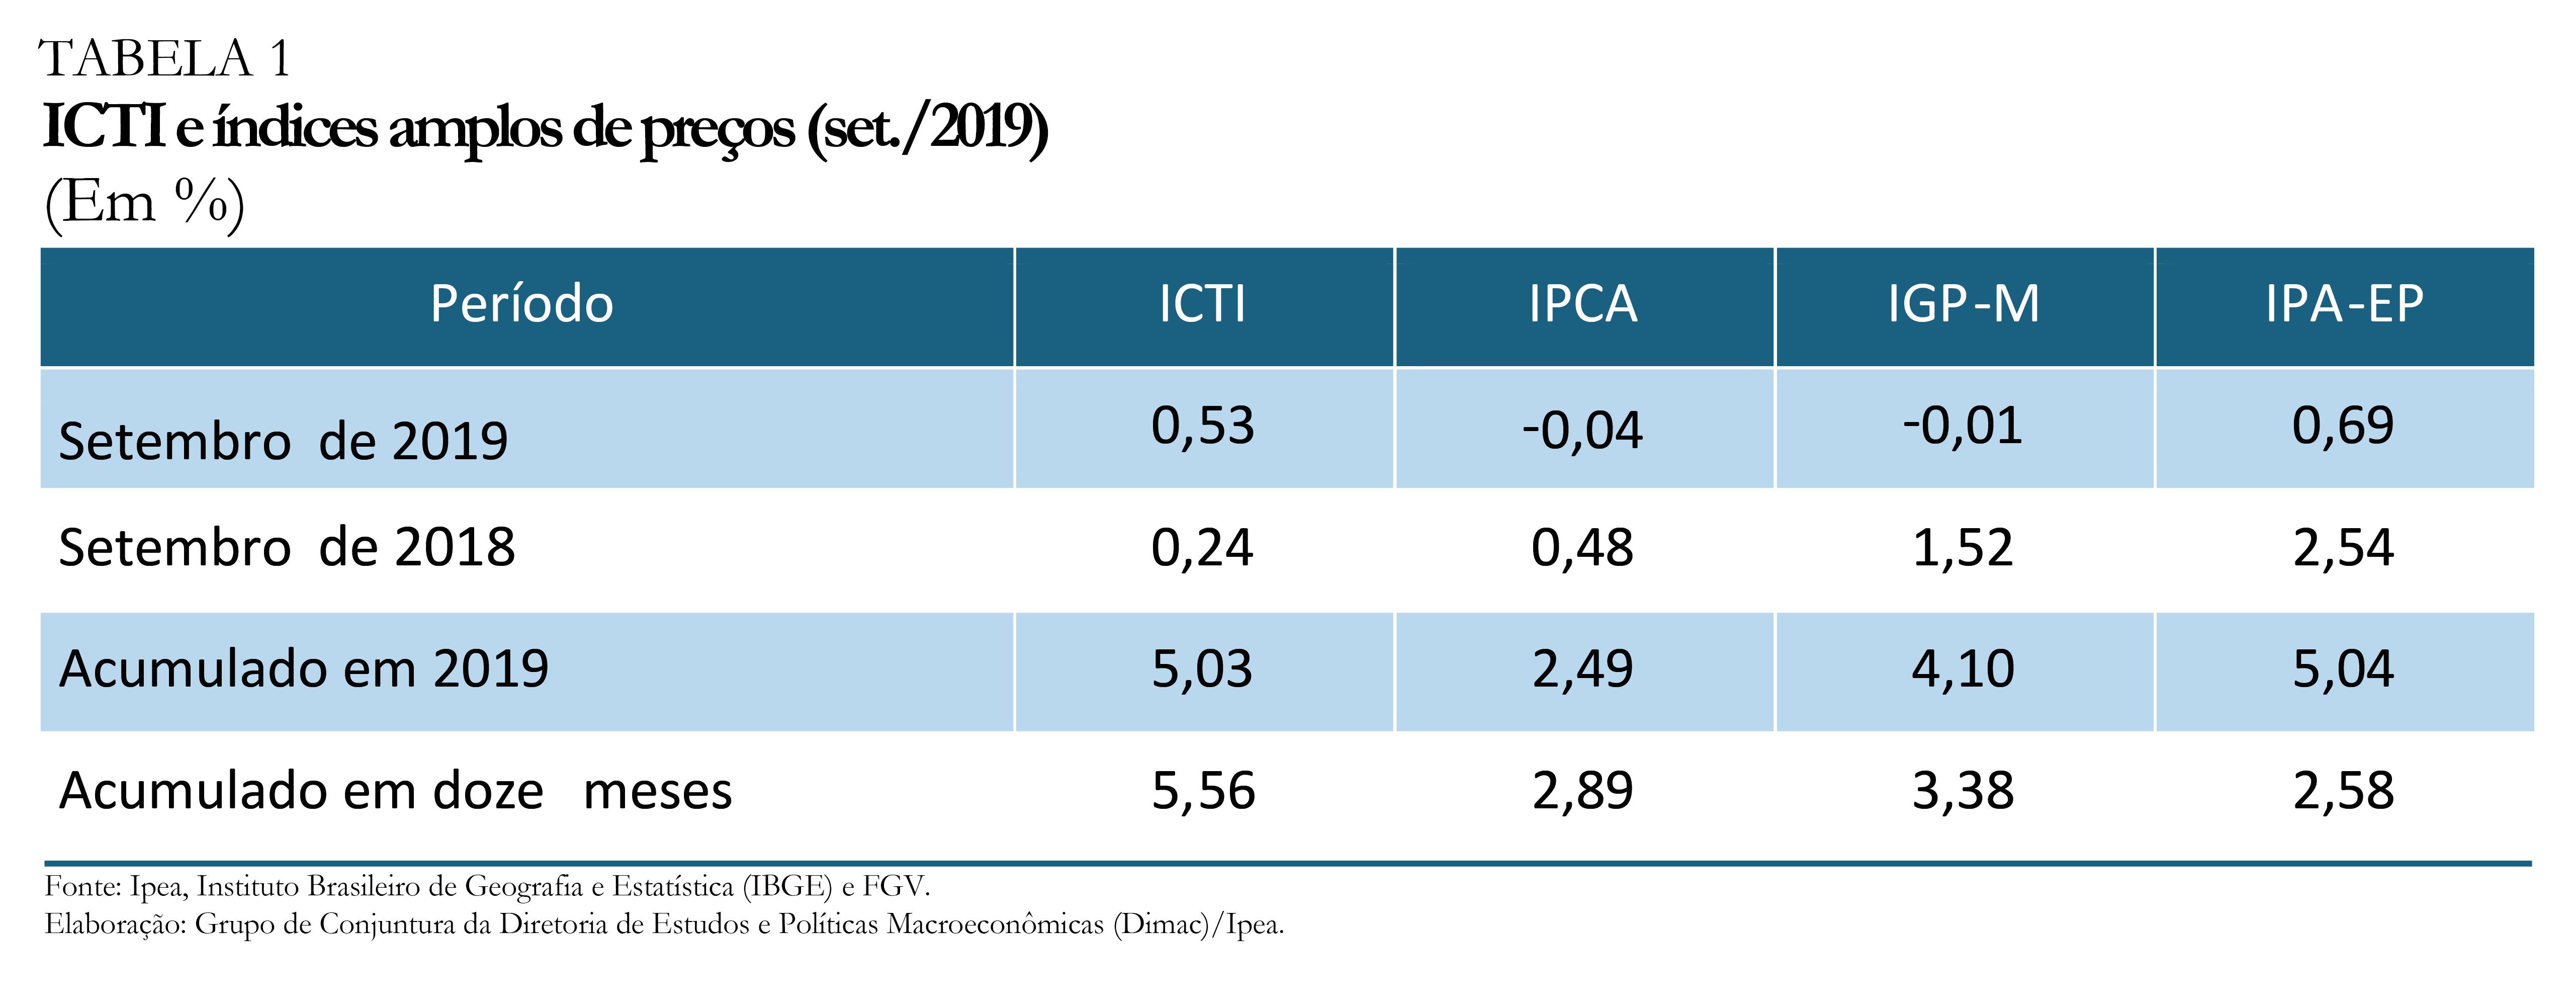 191202_ICTI_e_indices_amplos_de_precos_set_2019